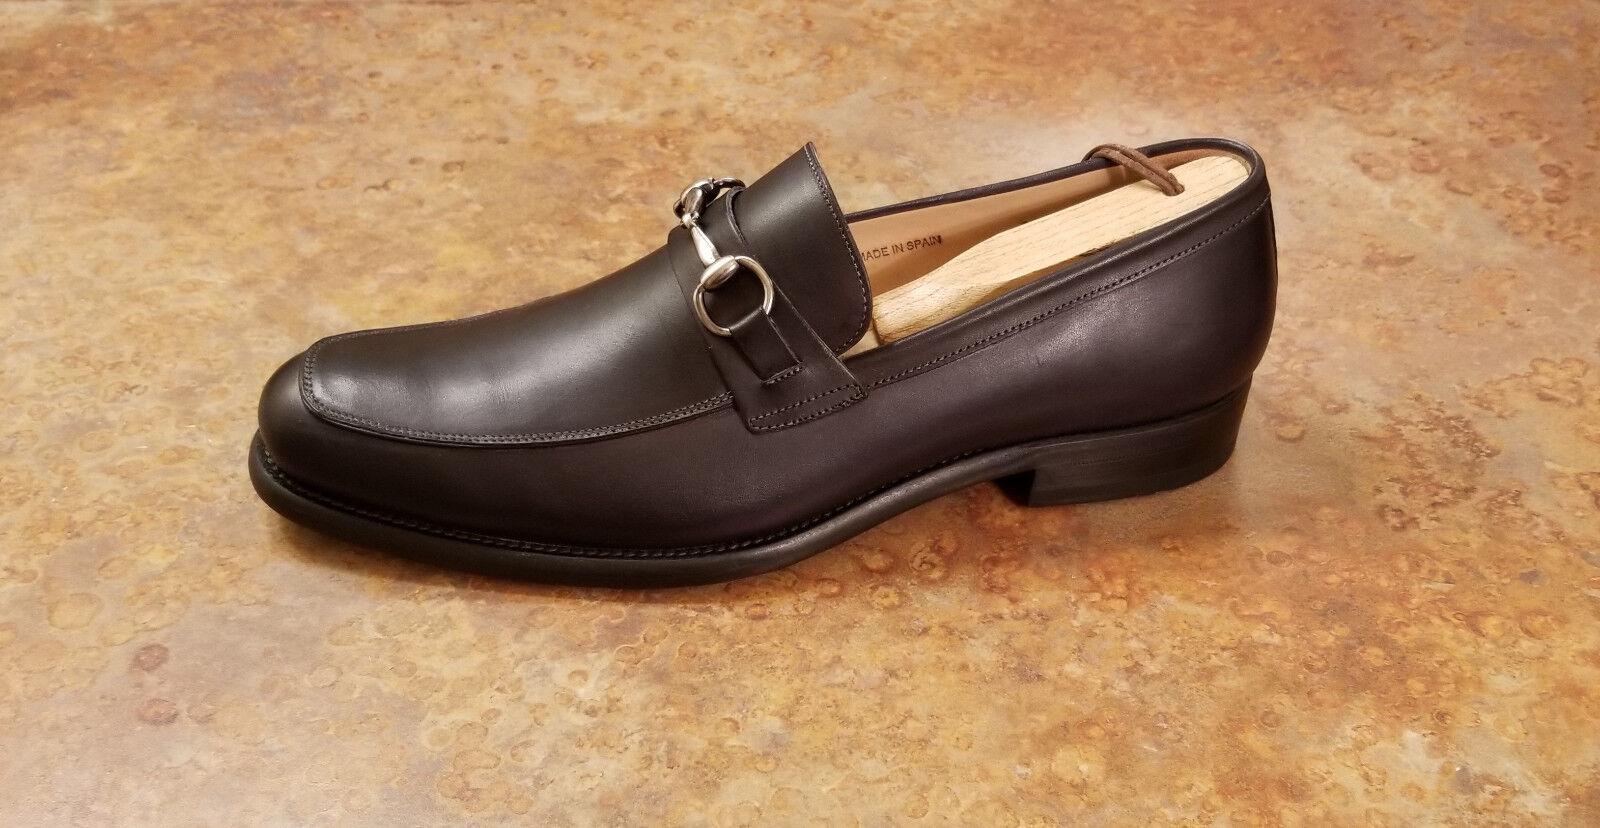 nuevo  Mezlan 'Worcester' Bit Mocasín Zapatos Negro Cuero Hombre M precio minorista sugerido por el fabricante